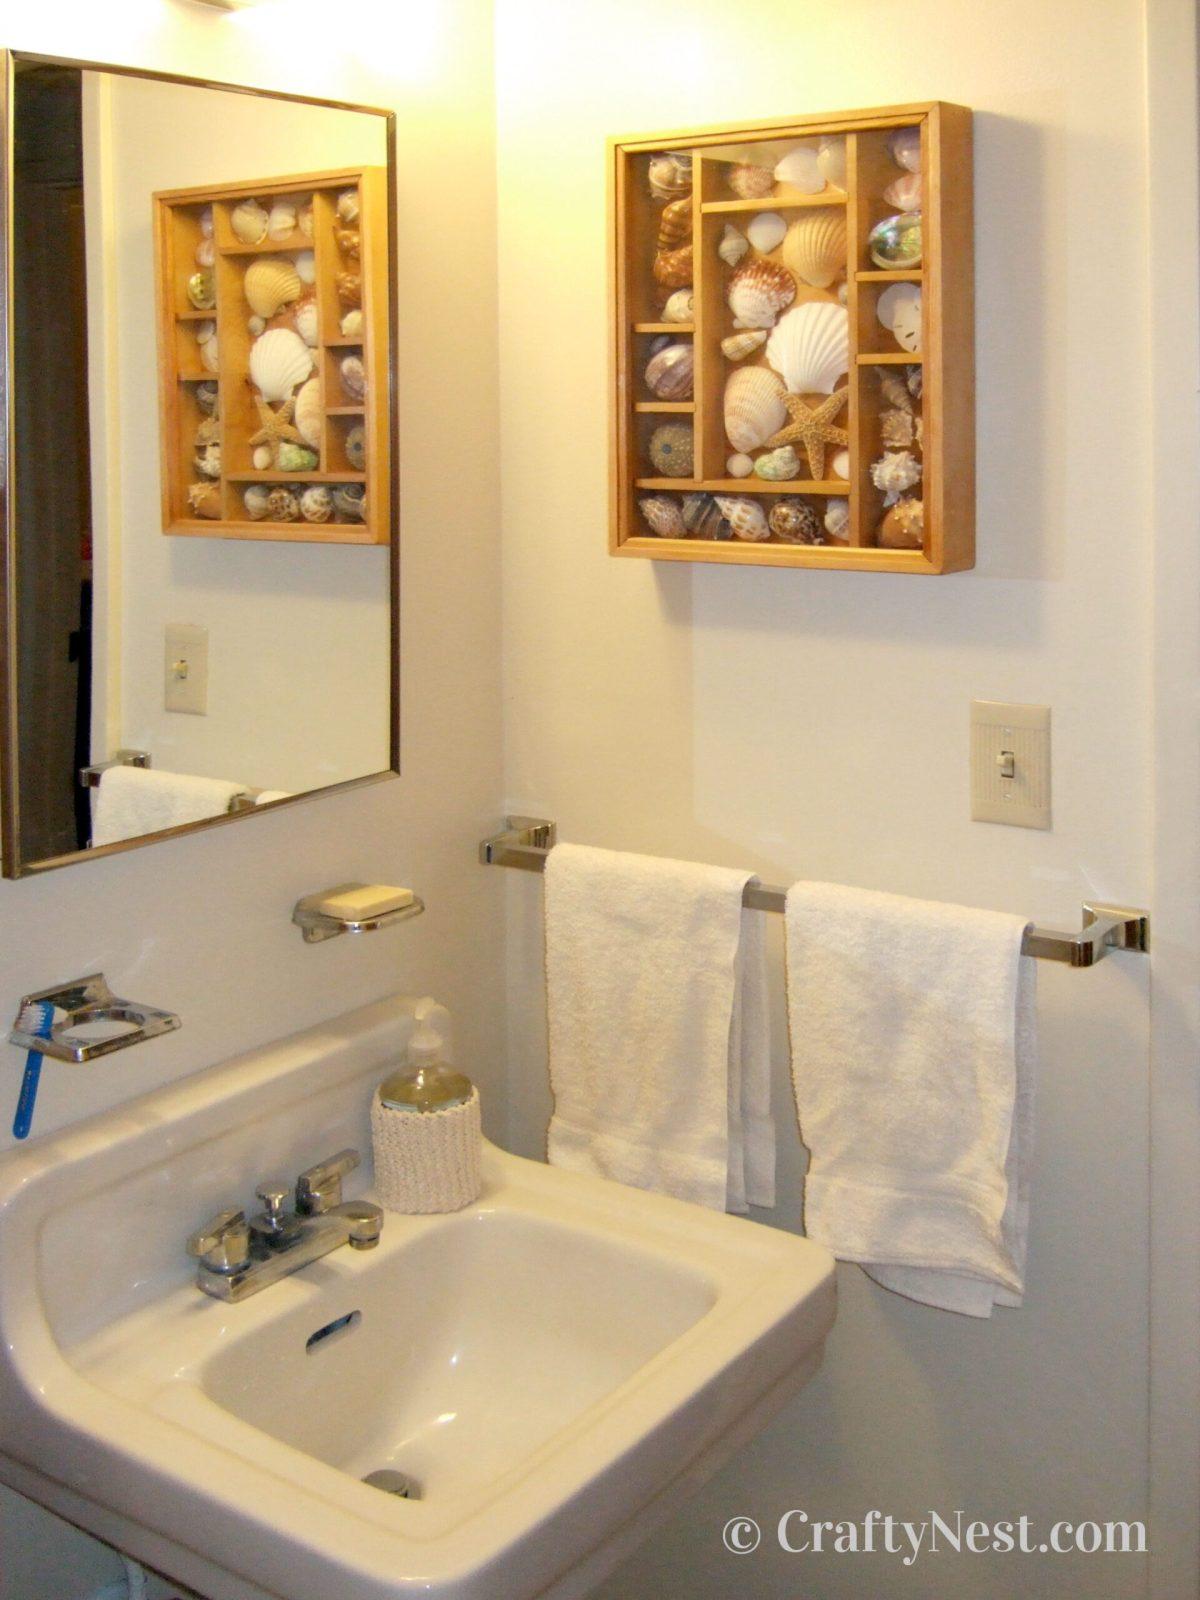 Shadow box with seashells on the bathroom wall, photo